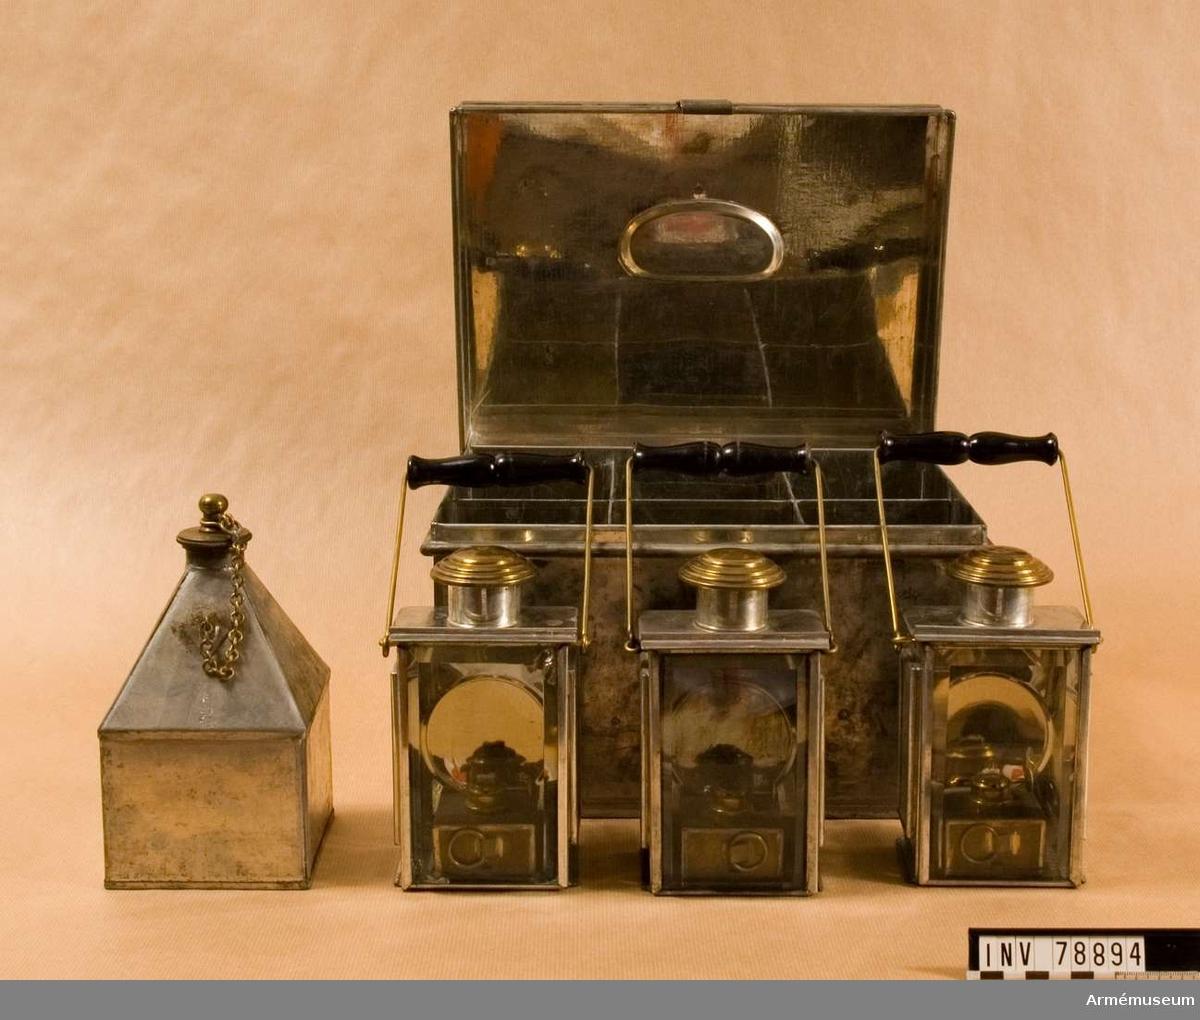 Grupp: I: IV.  Lådan är av bleckplåt och innehåller, förutom tre handlyktor, ett tillhörande oljekärl.